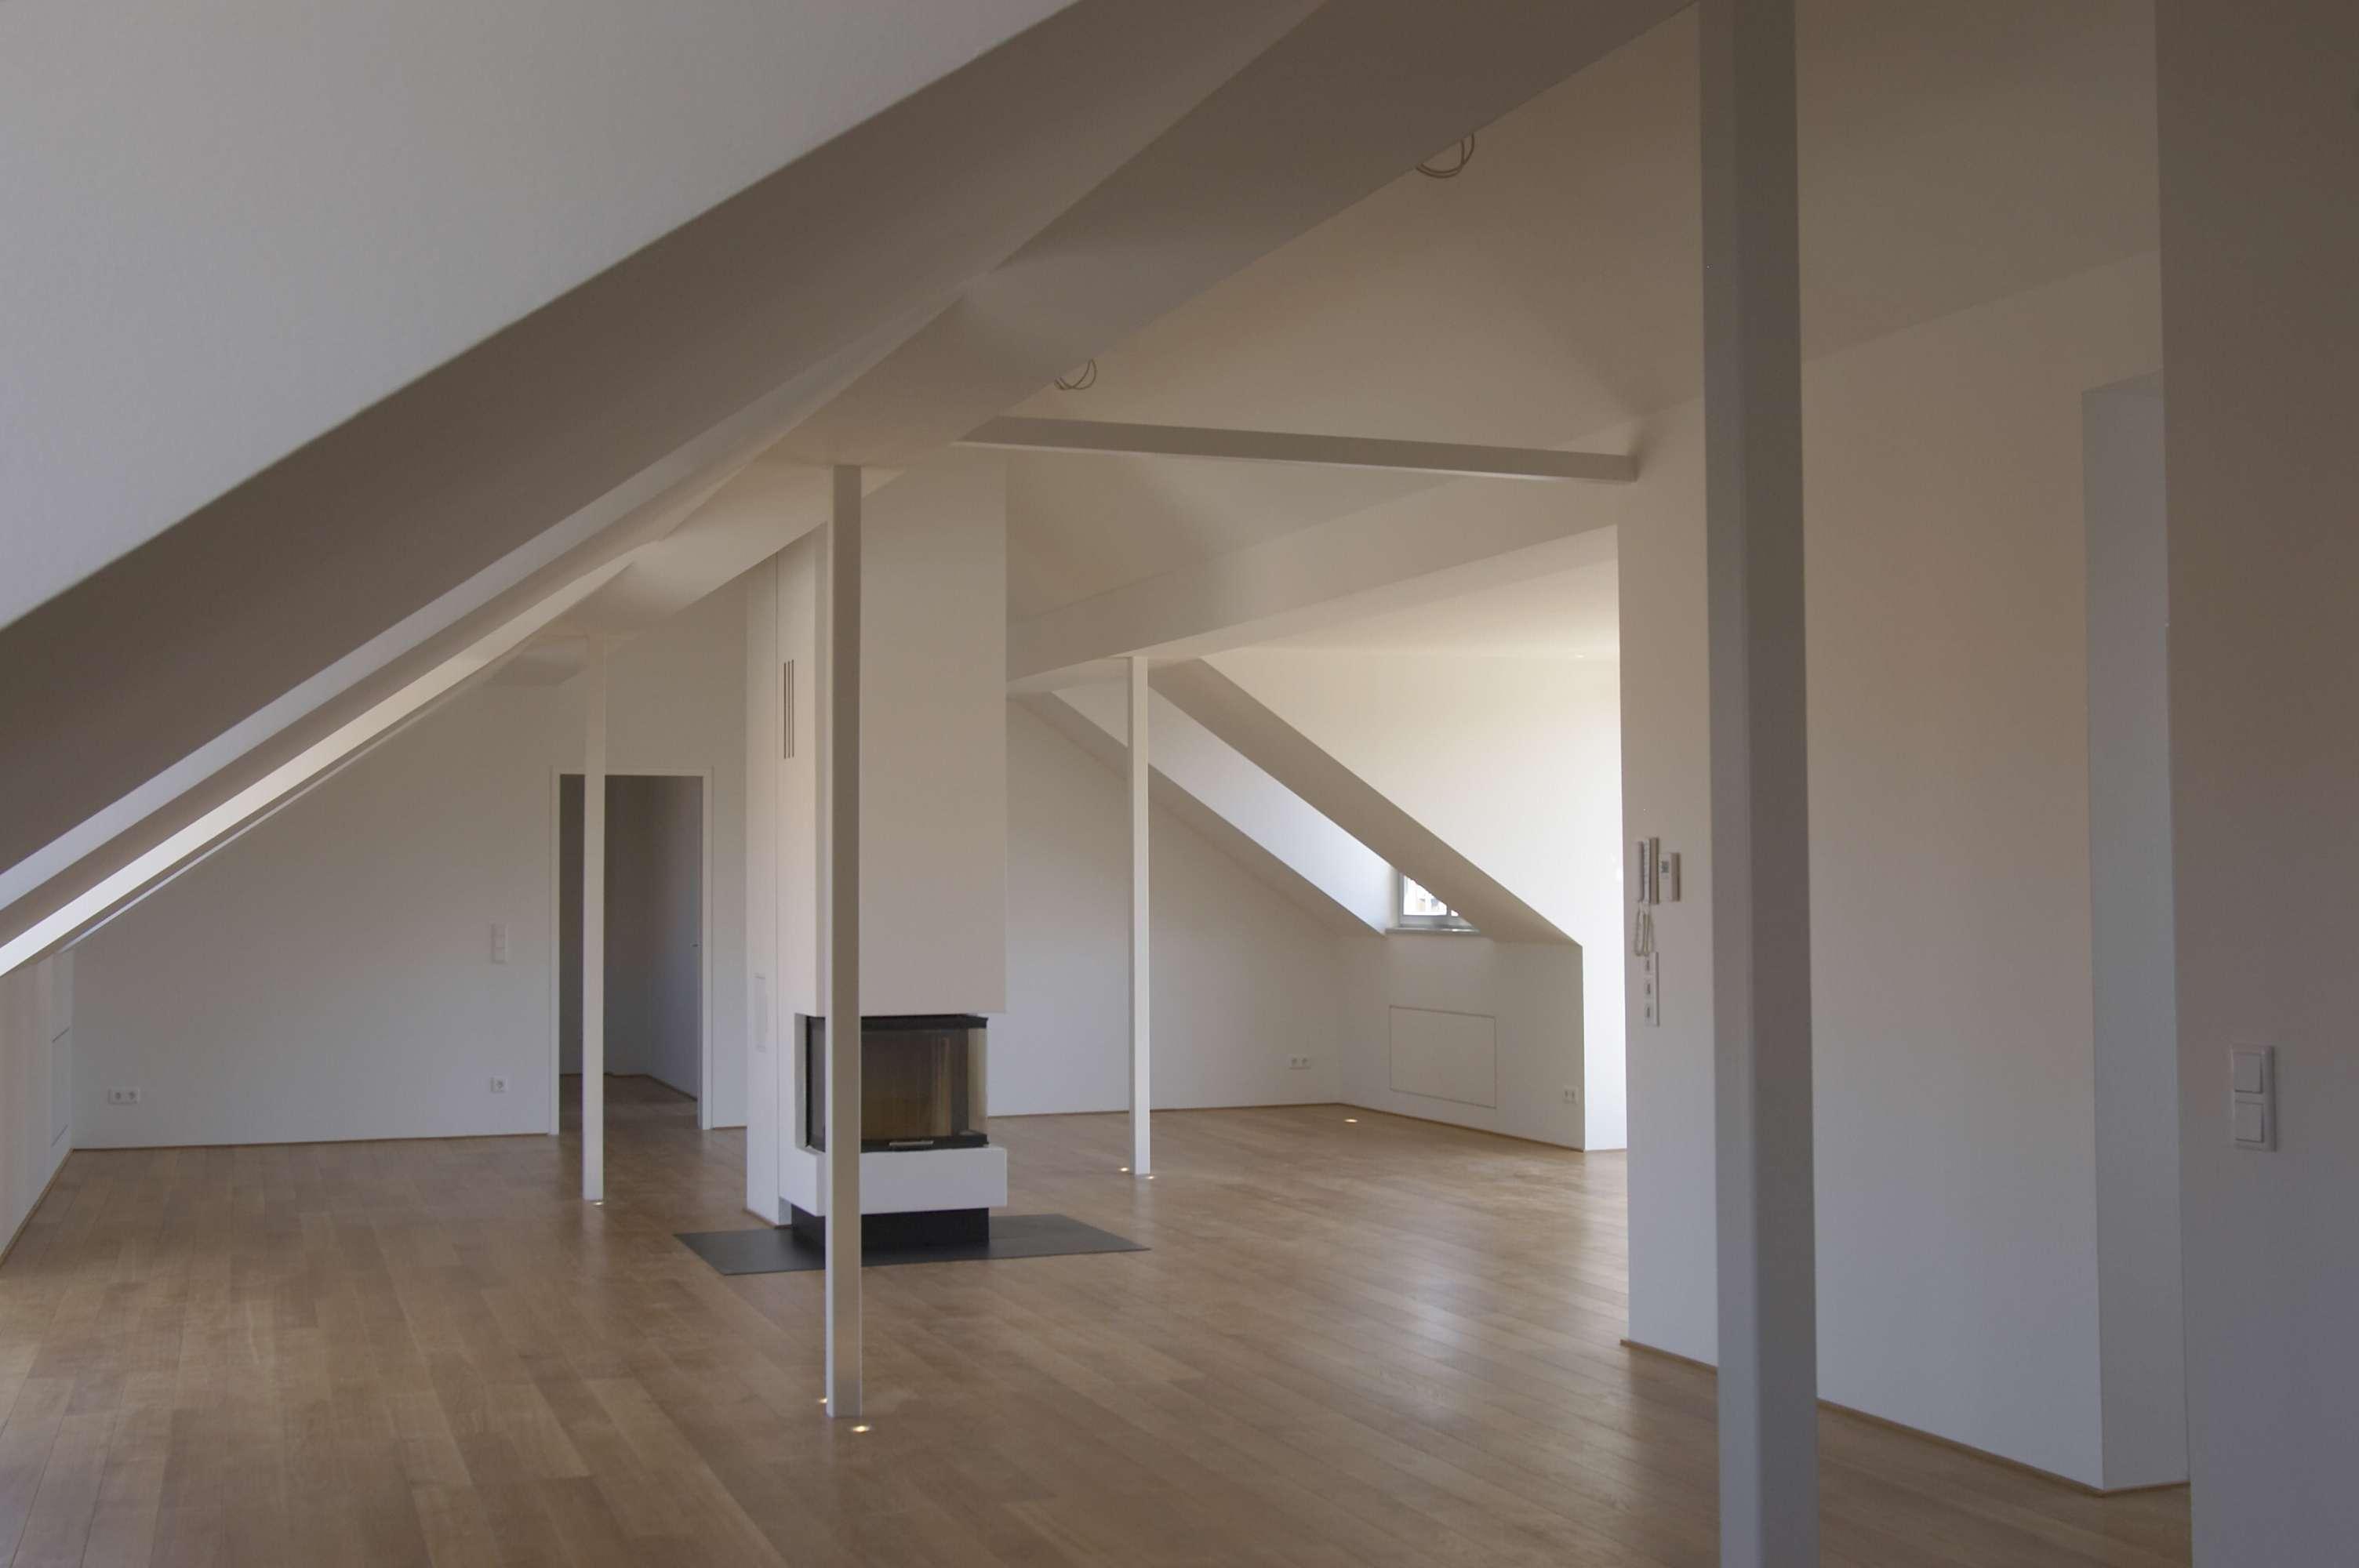 Exklusive Loftwohnung in einem Jugendstilhaus am Prinzregentenufer in Wöhrd